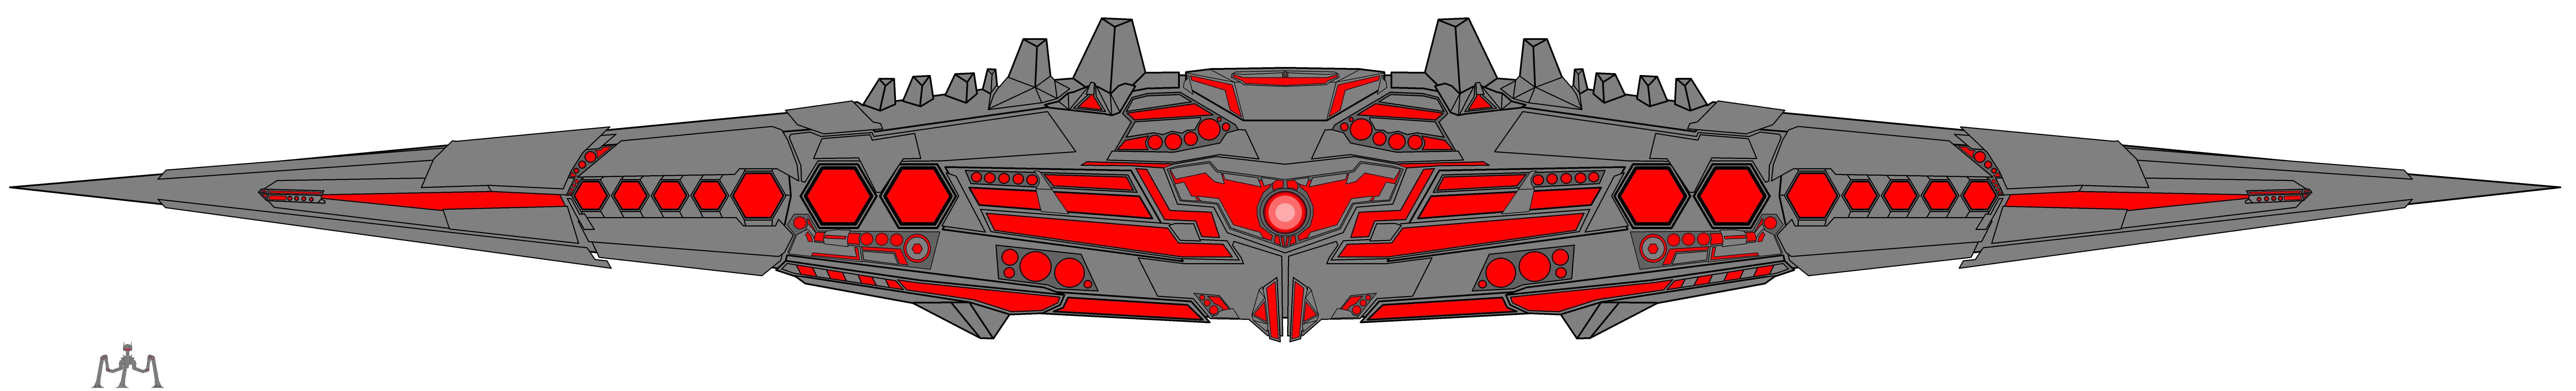 Martian Dreadnought